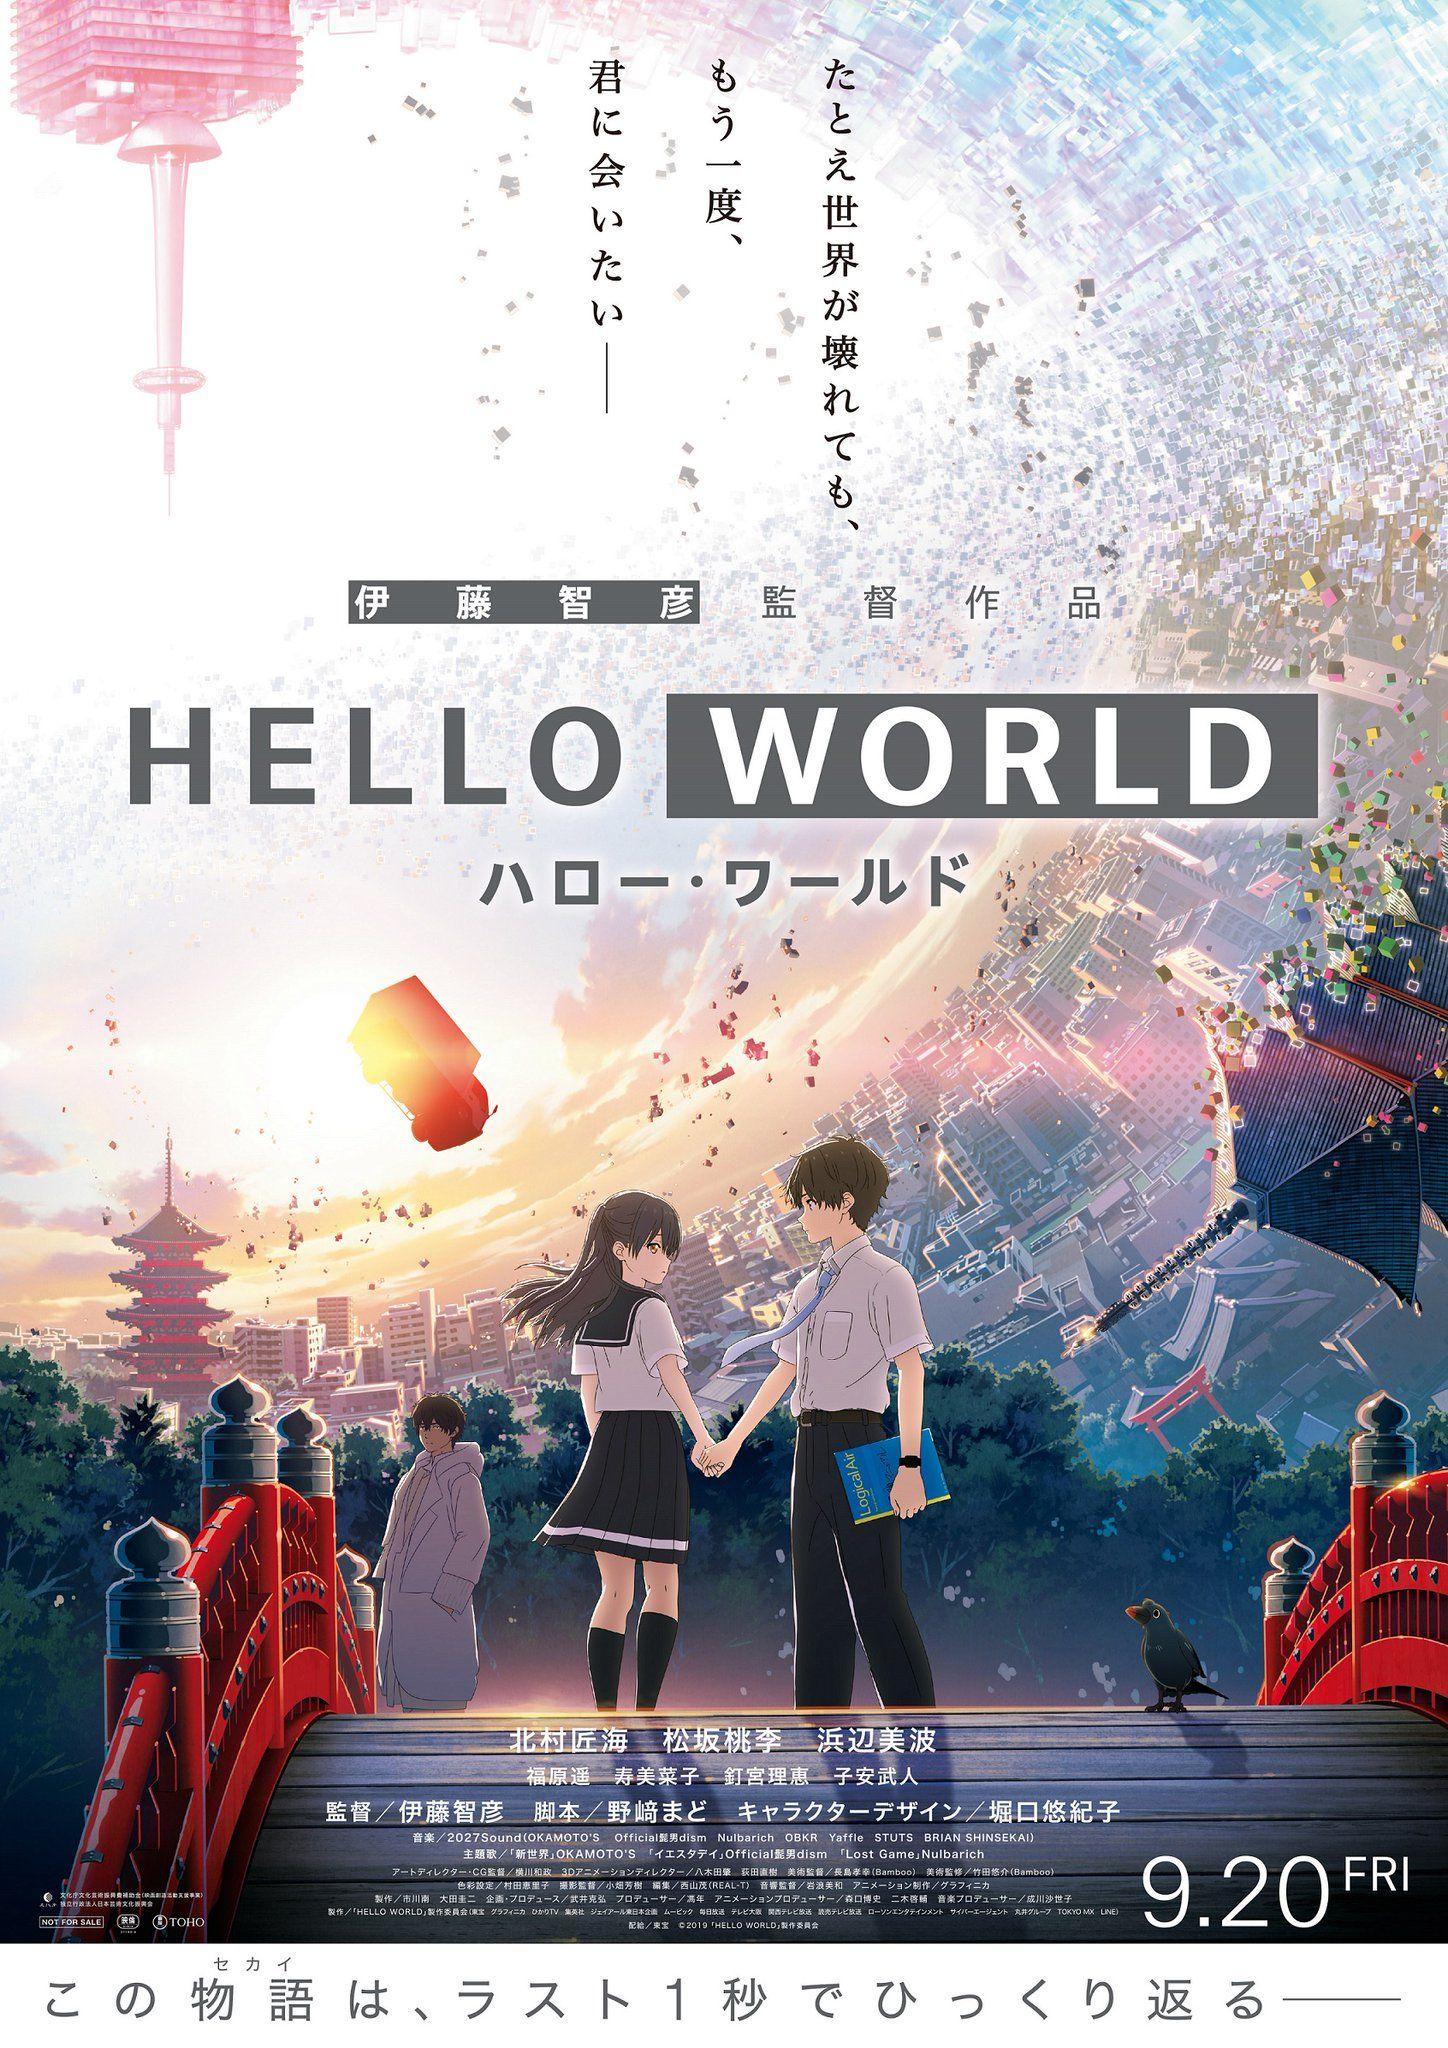 [Jeu] Suite d'images !  - Page 24 Hello_World